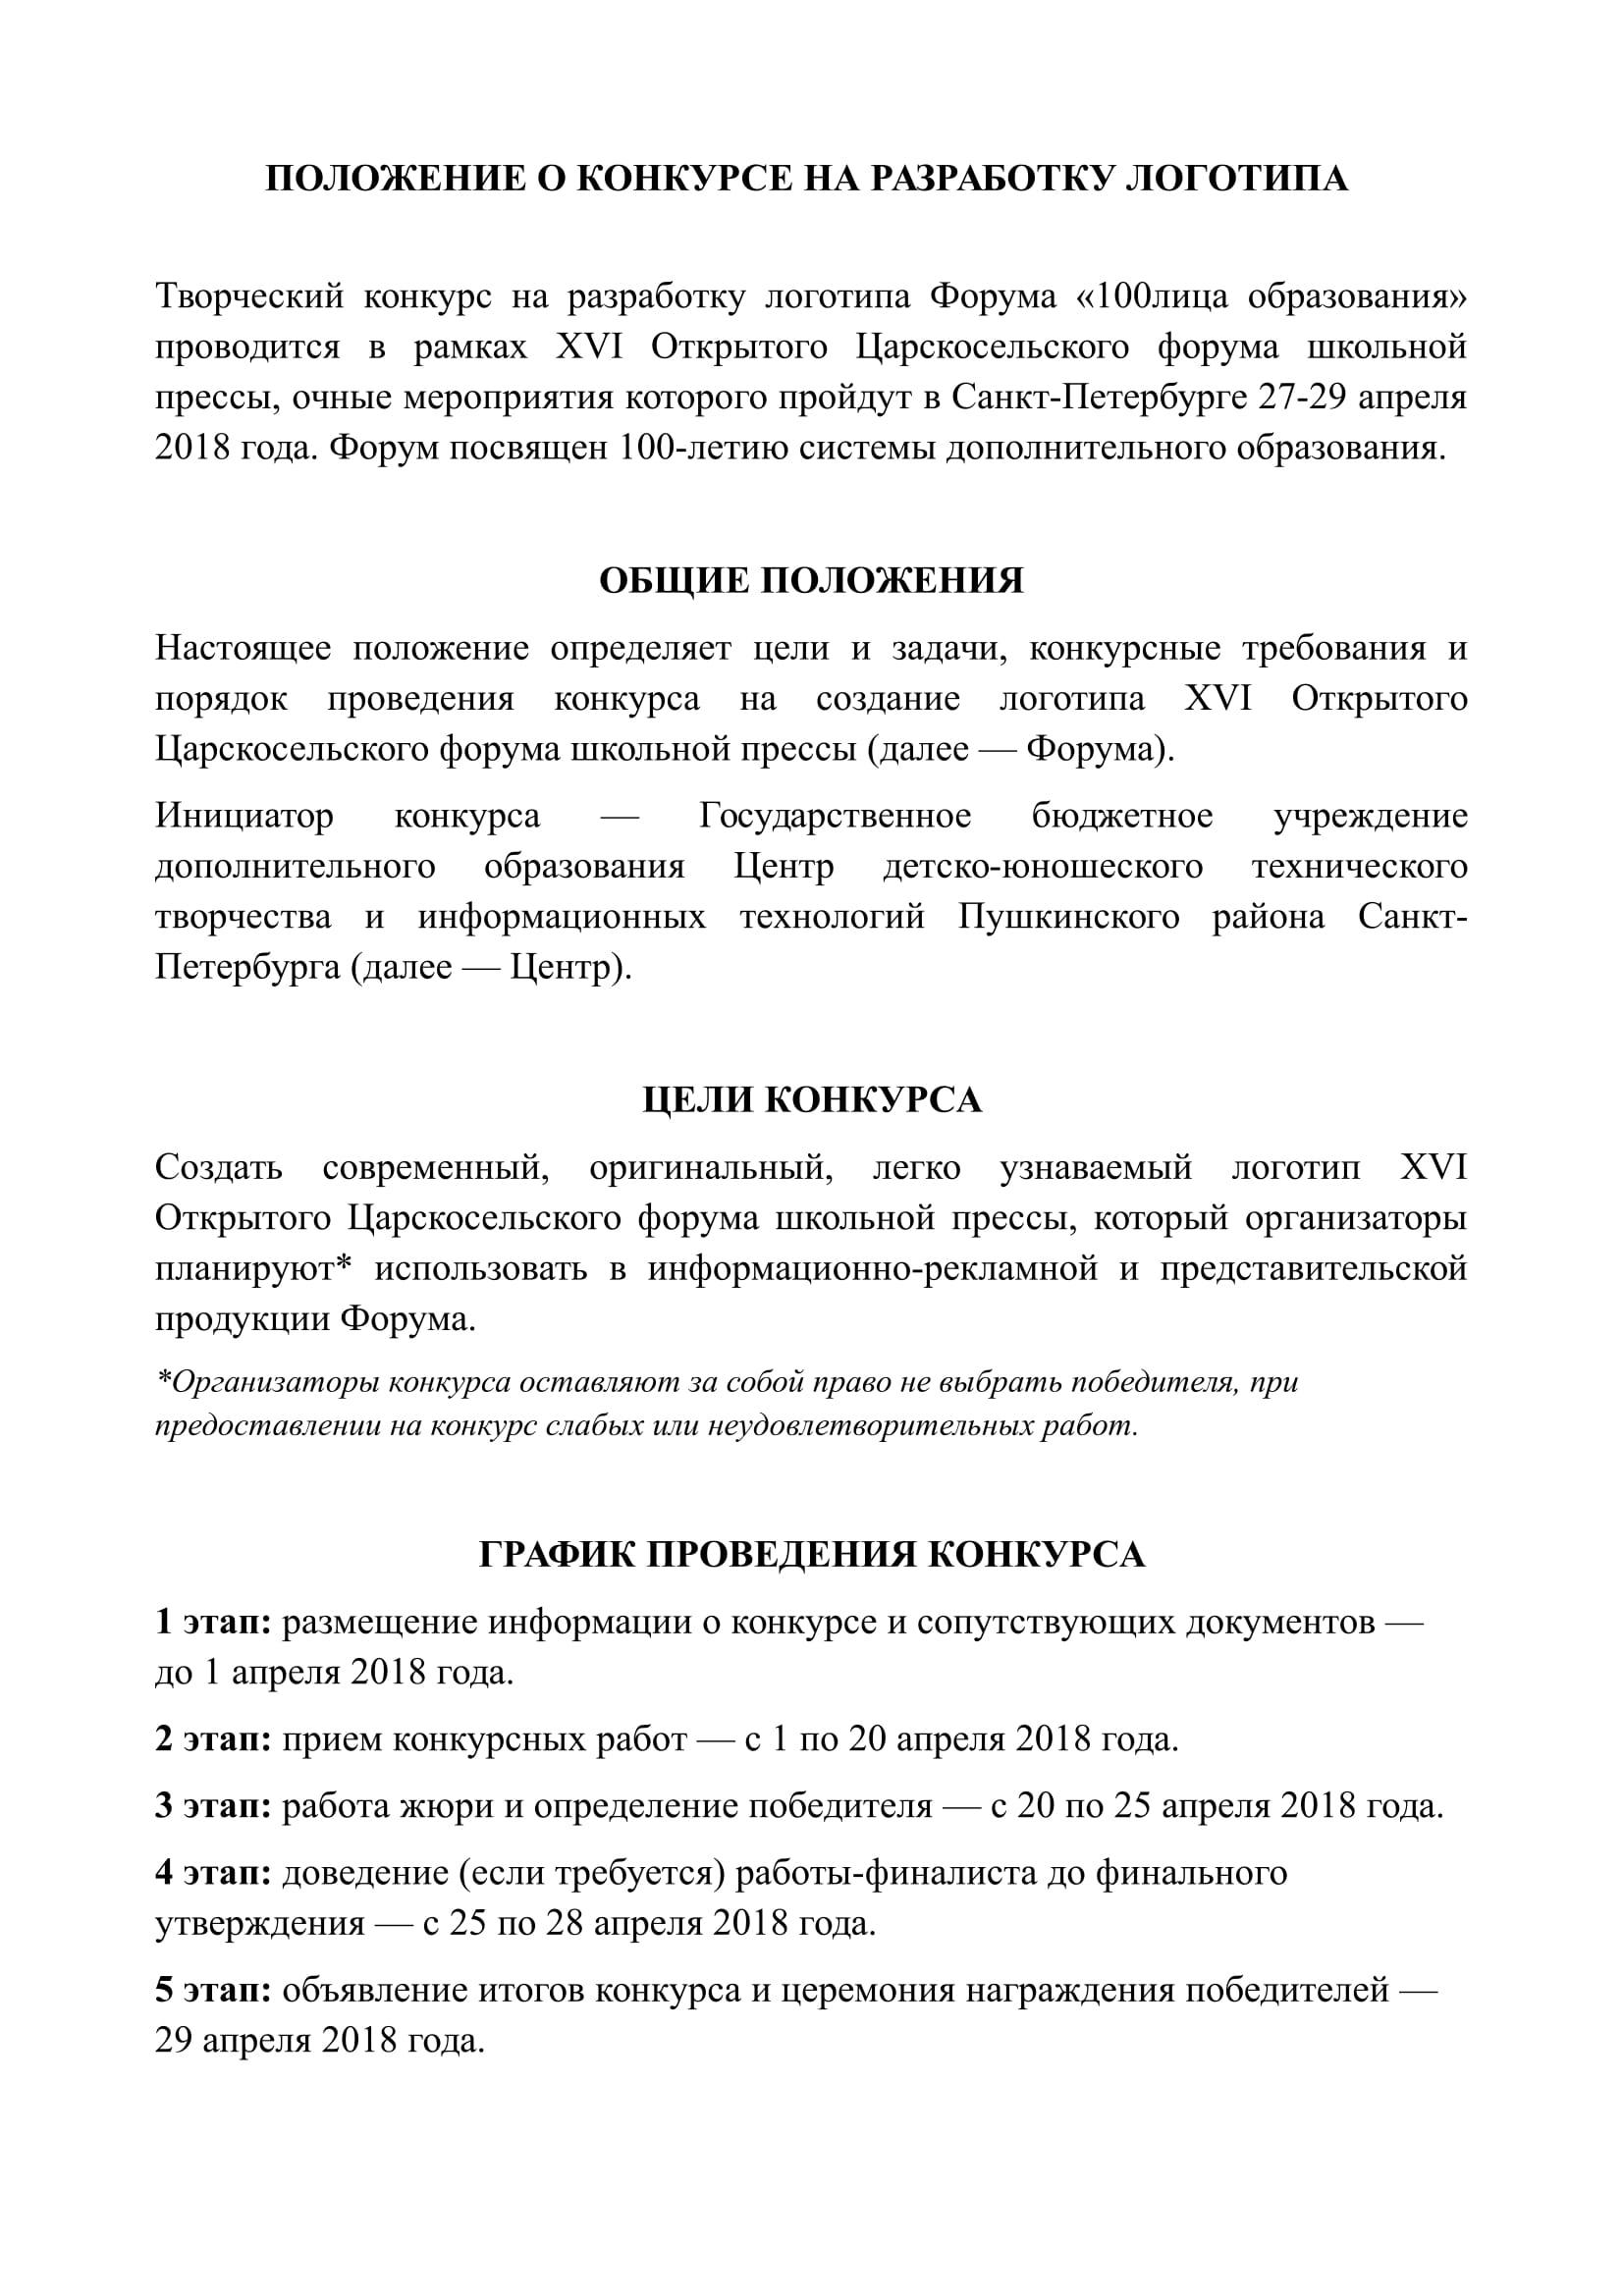 Forum2018_polozhenie_o_konkurse_logo_0 (3)-2